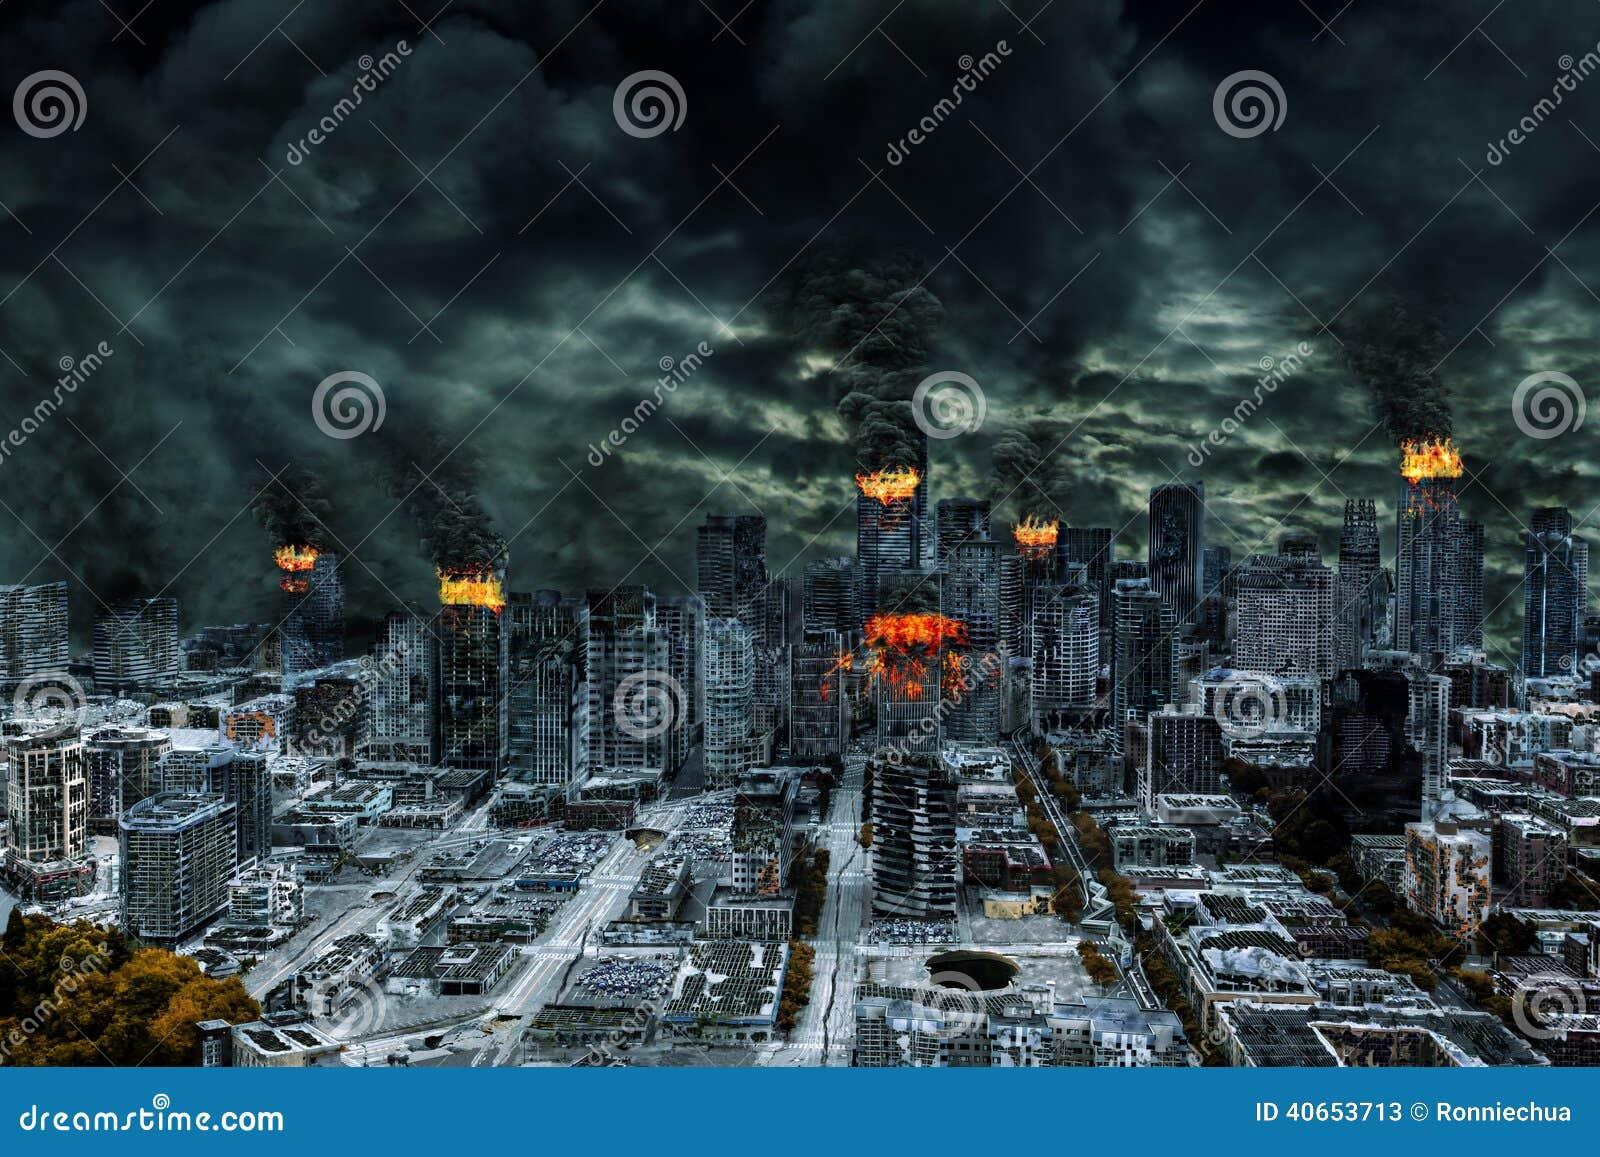 Cinematicafbeelding van Vernietigde Stad met Exemplaarruimte